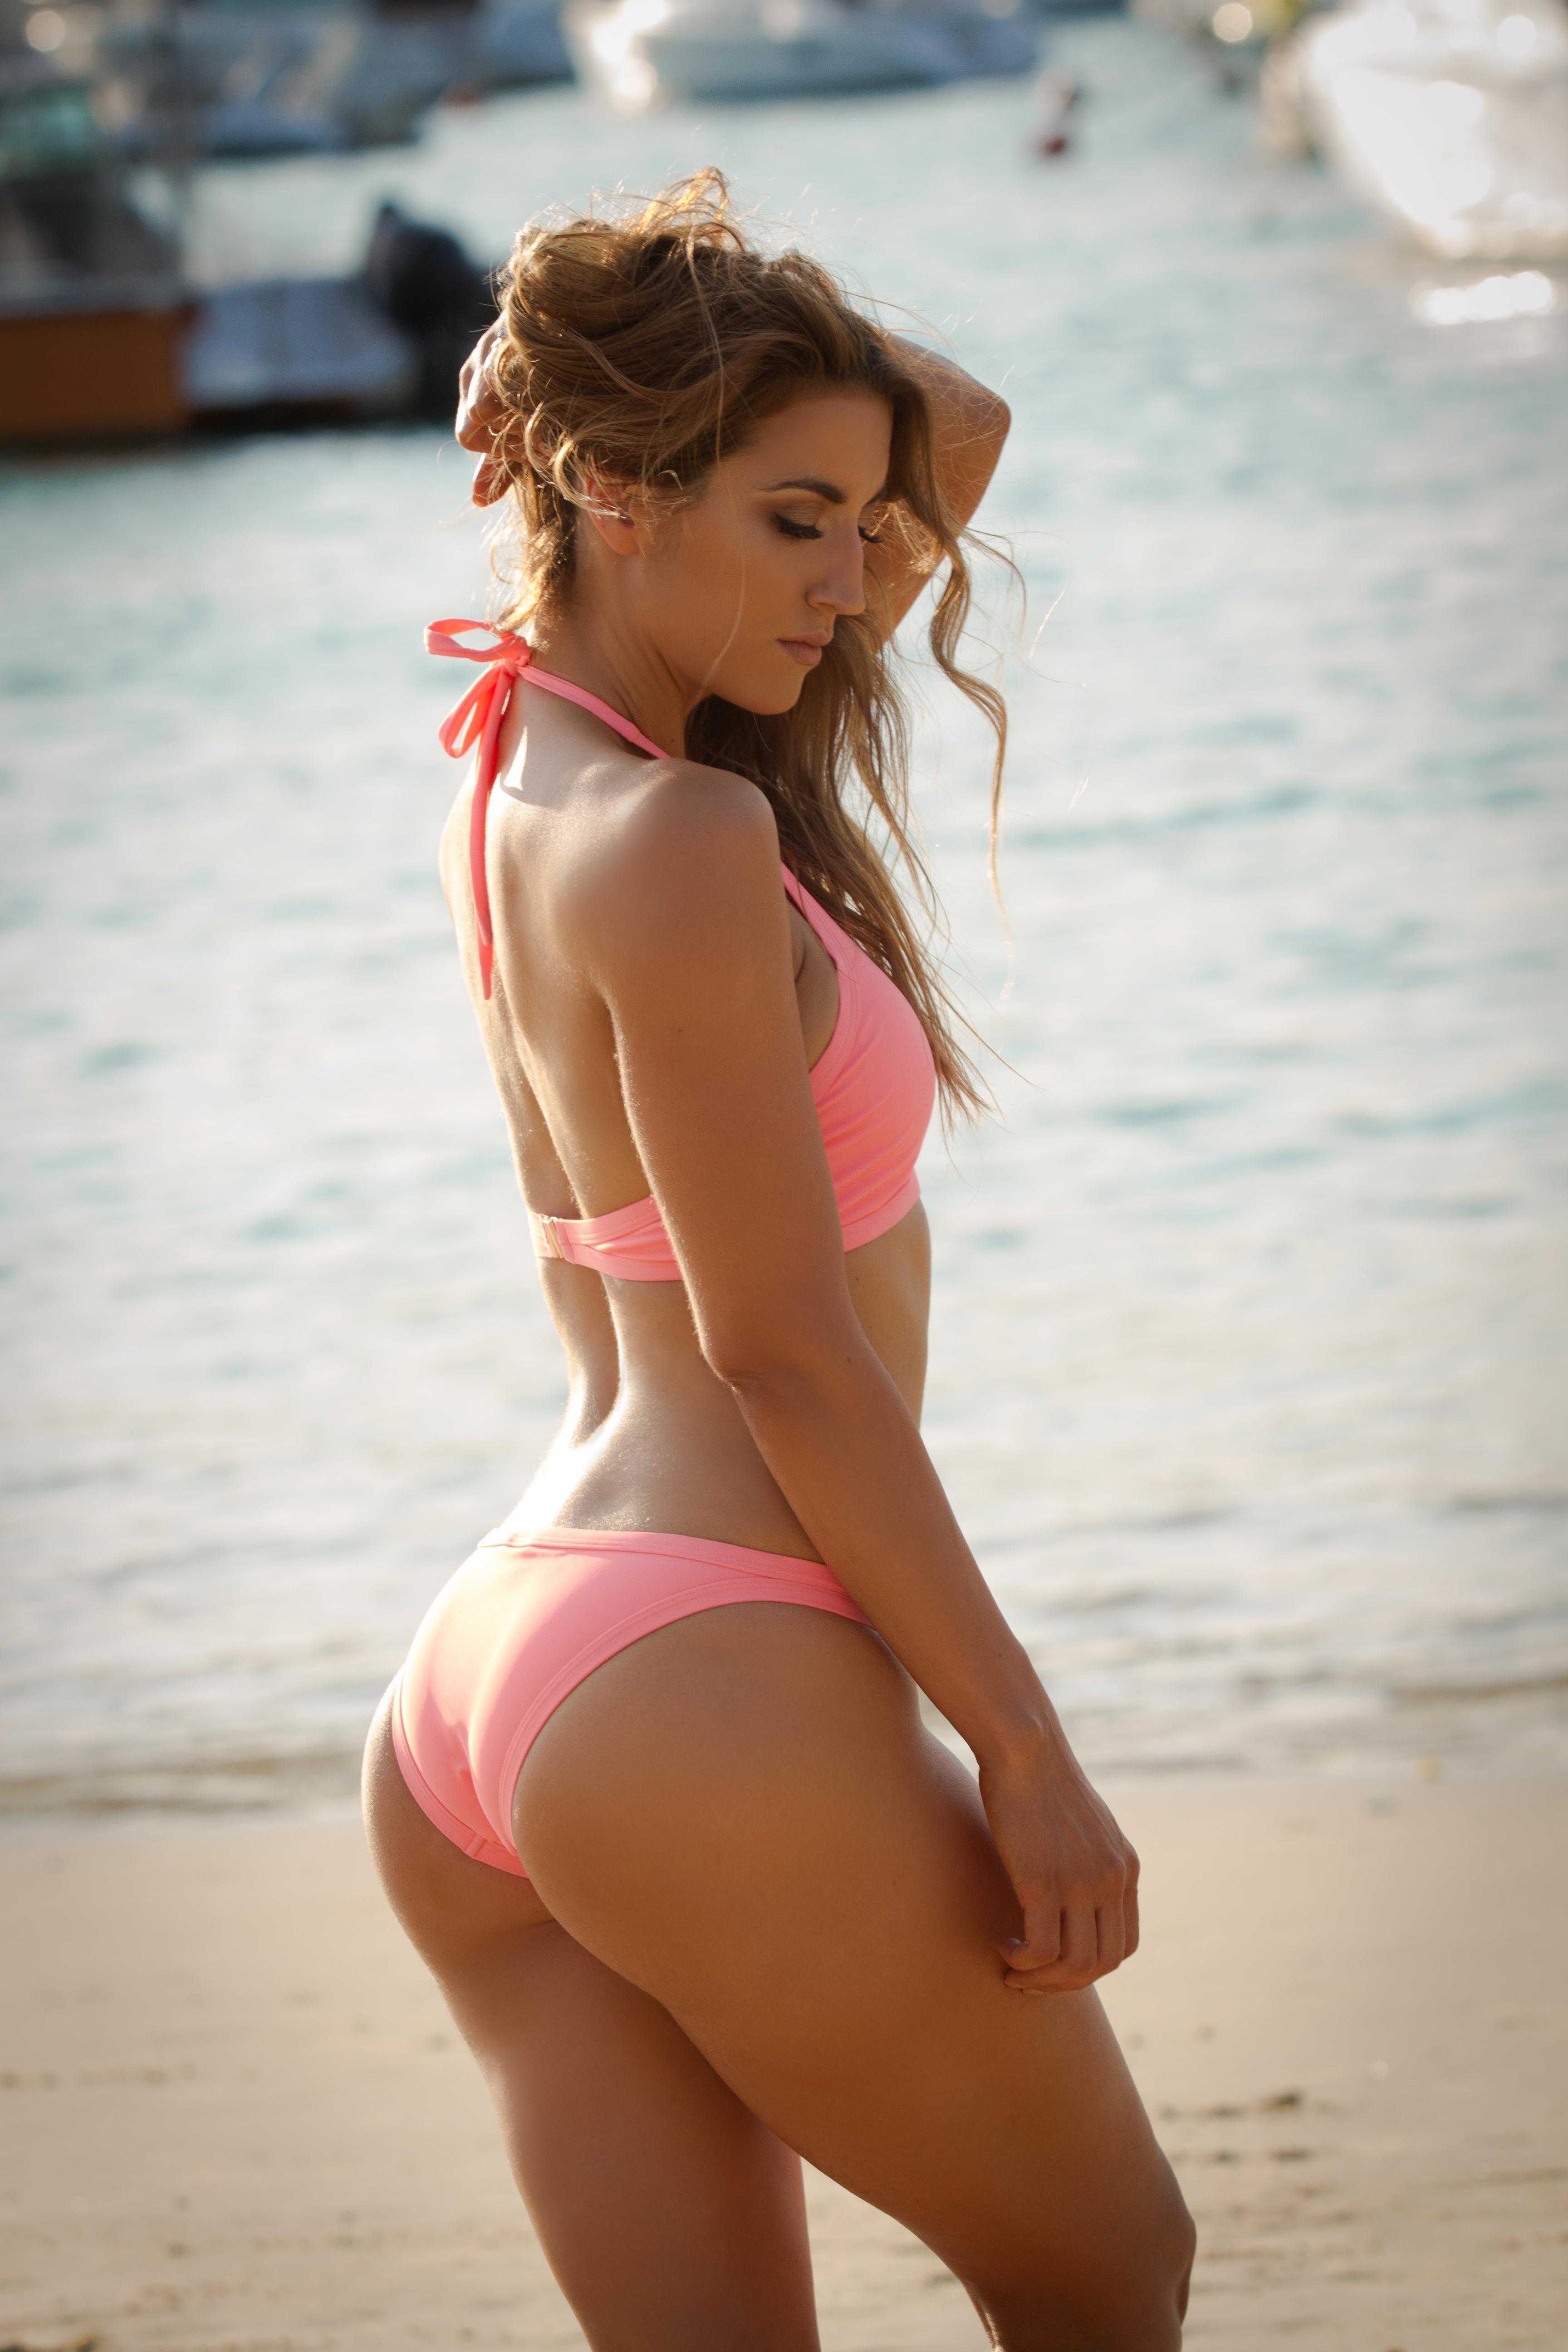 Miami set